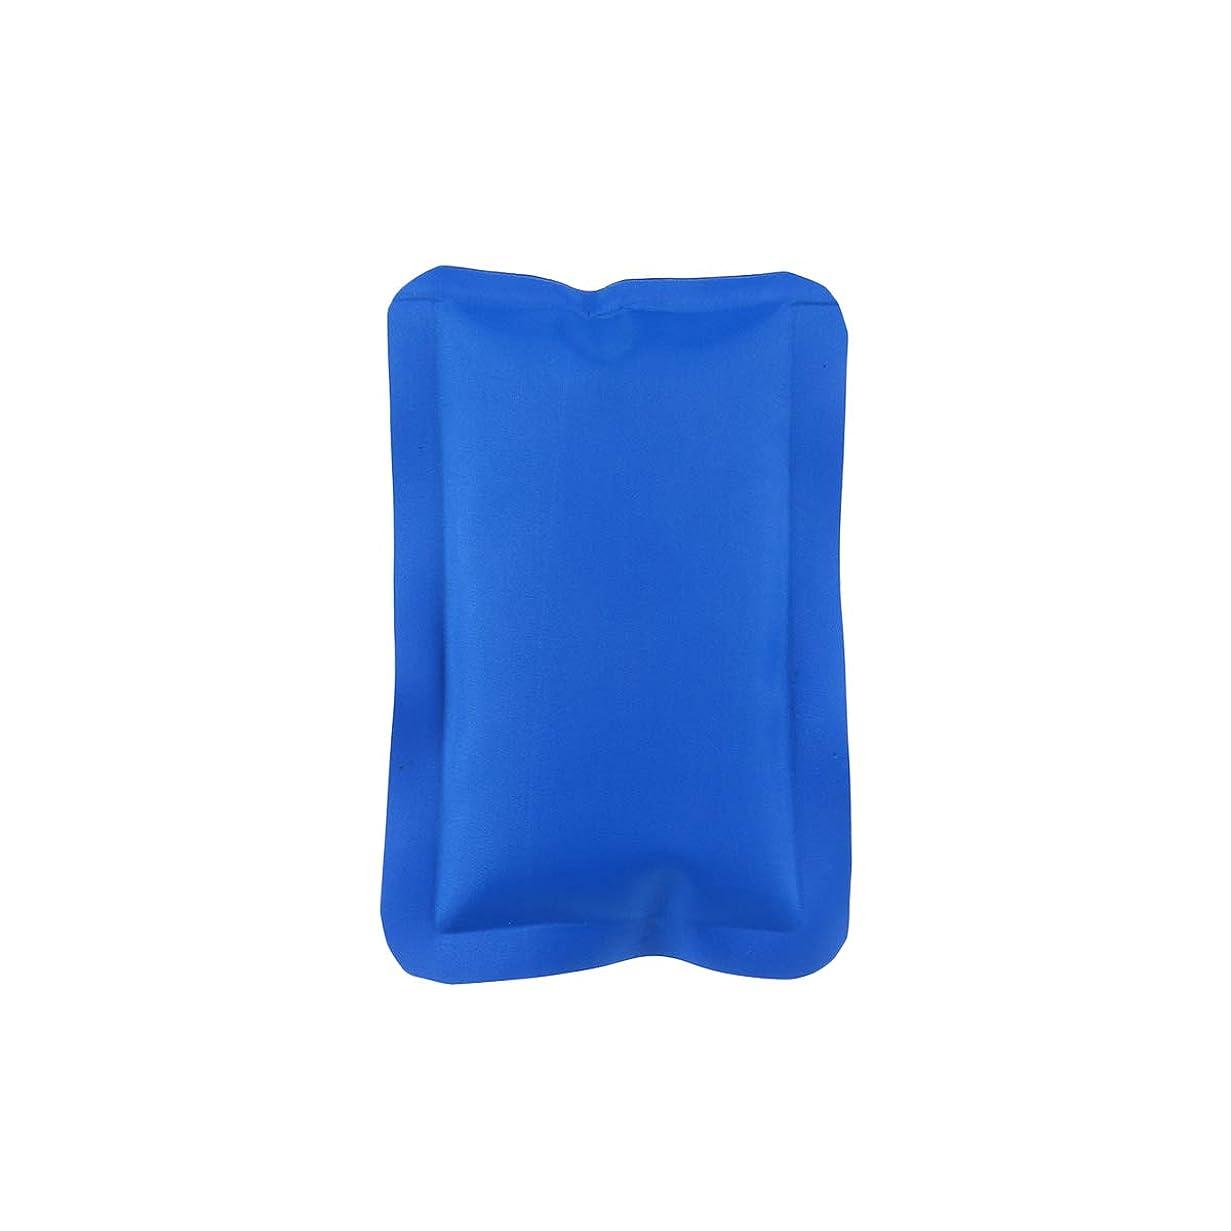 足音熱帯の九月HEALLILY 150ML再利用可能なホット&コールドジェルパック(コンプレッションラップスポーツ傷害)ジェルアイスパック多目的ヒートパック(マッスルリリーフ用、16x10x1cm、ブルー)